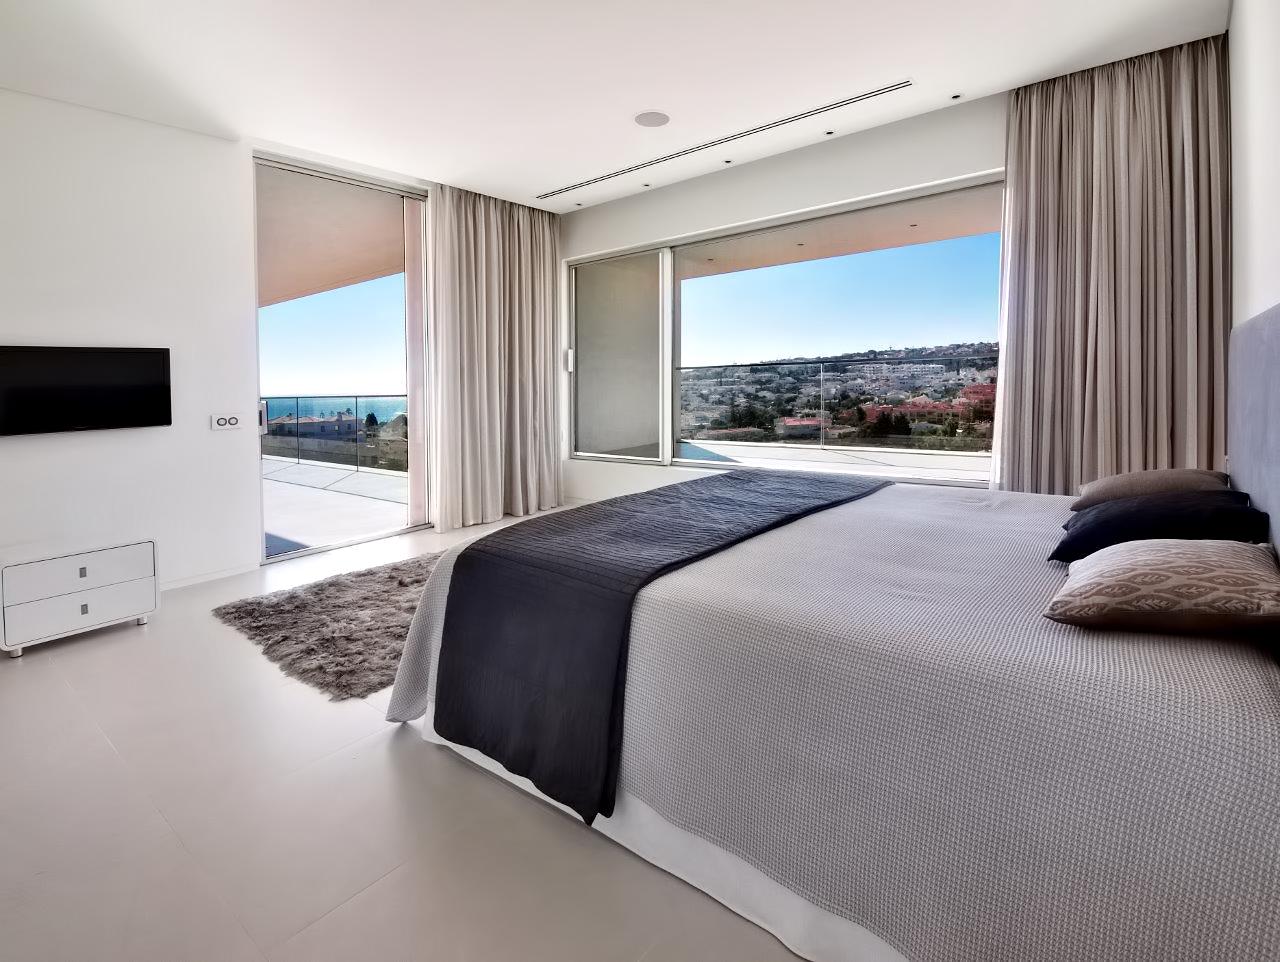 Villa Escarpa Luxury Residence – Praia da Luz, Algarve, Portugal